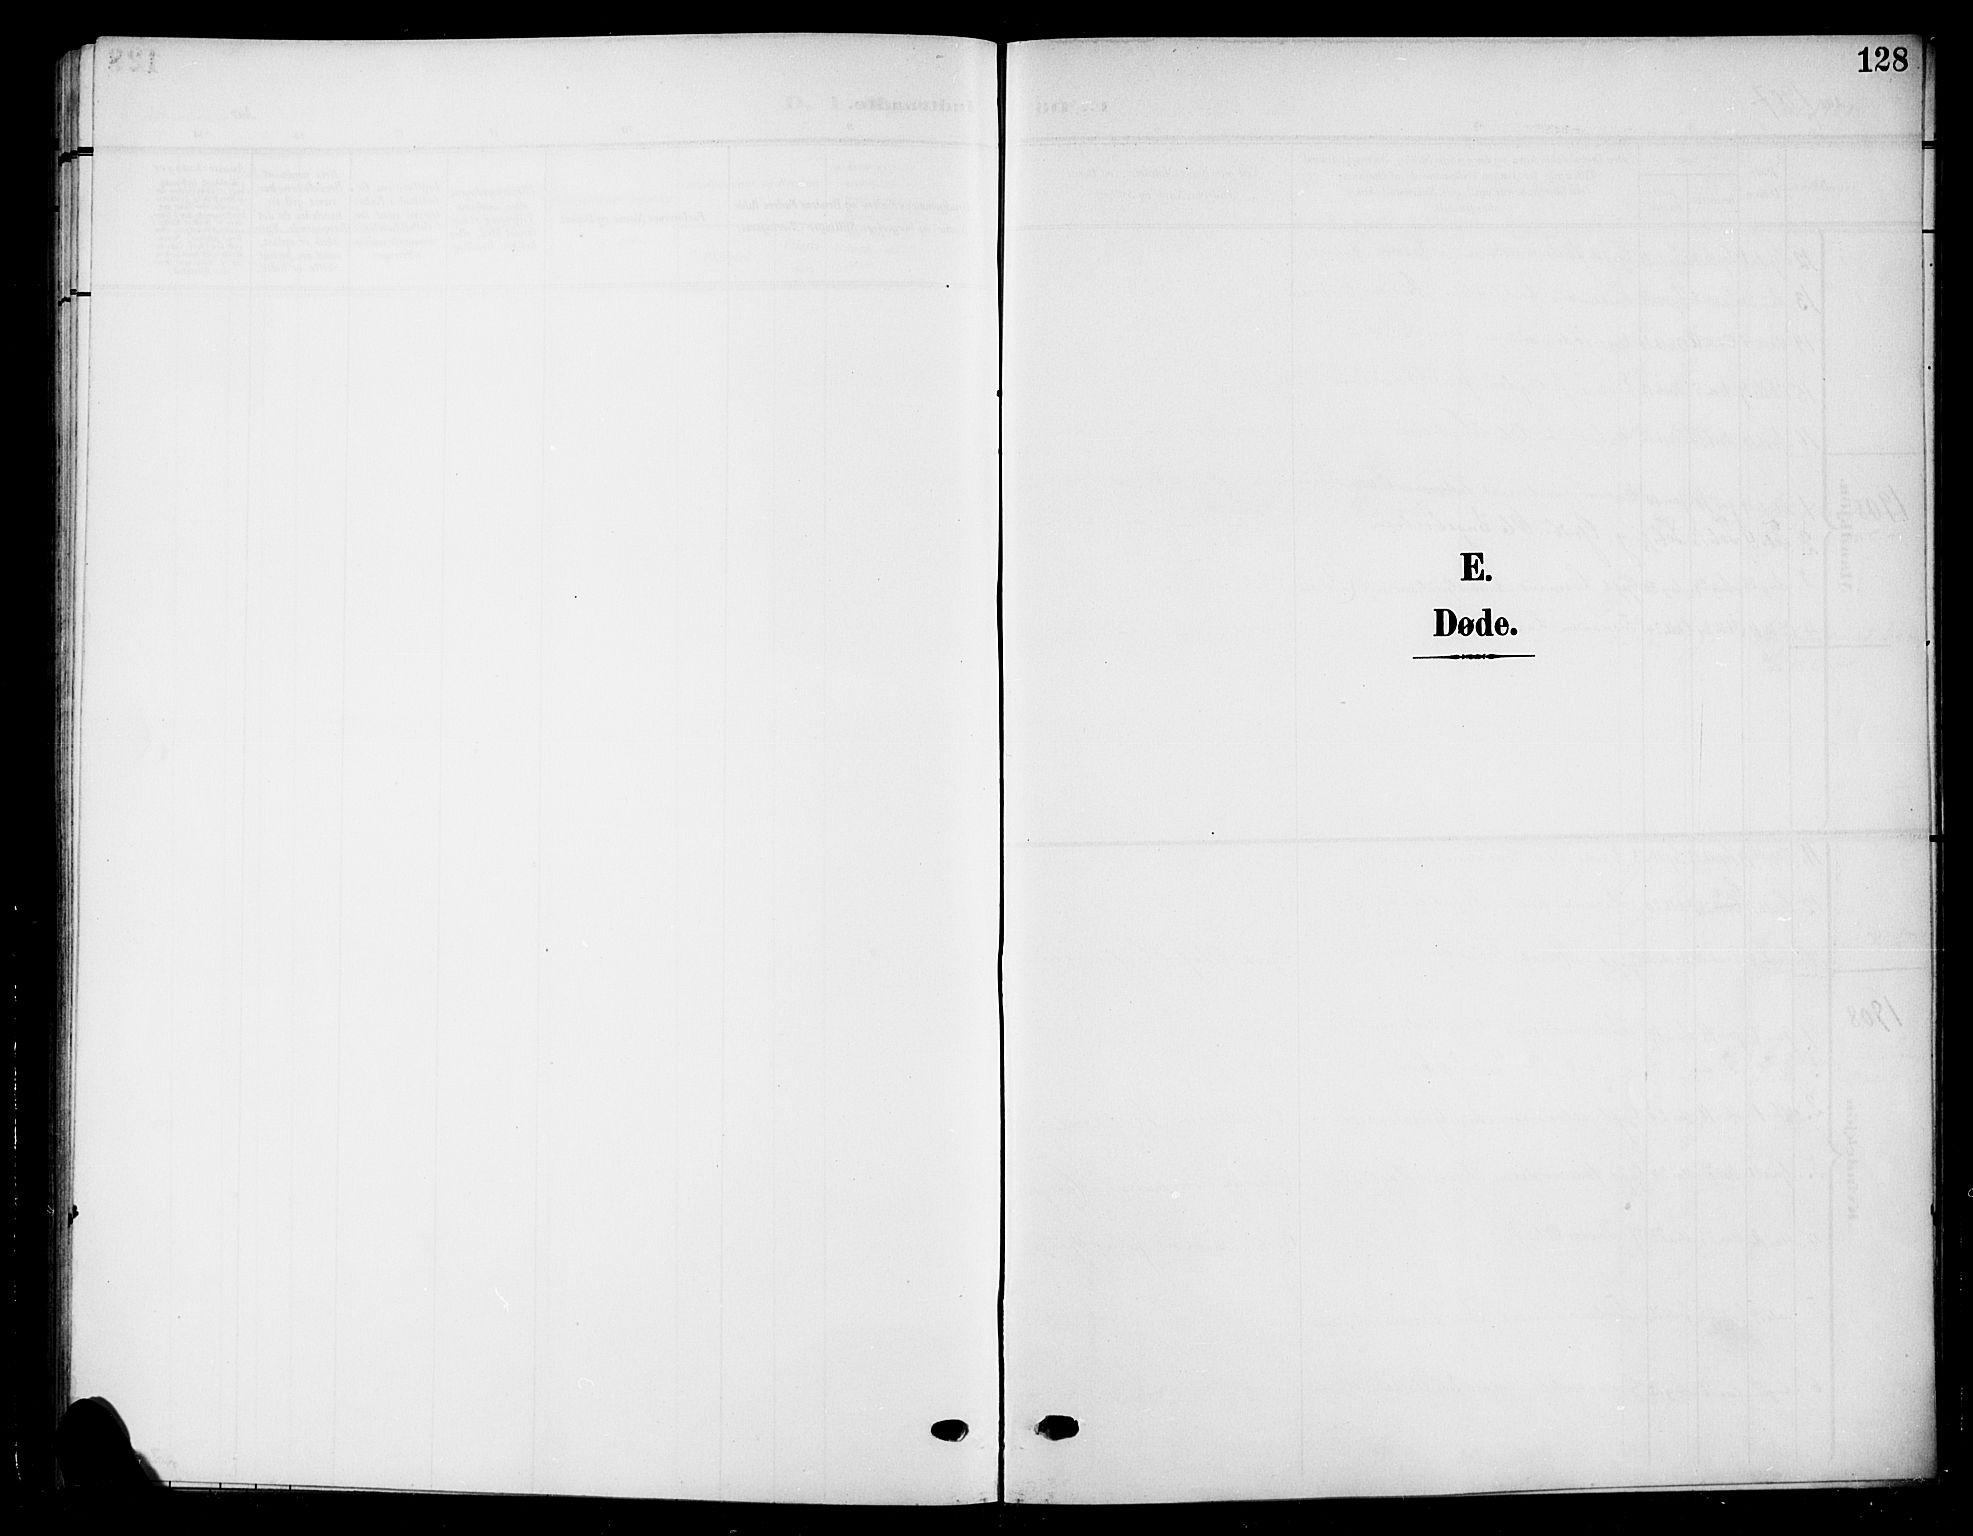 SAH, Nord-Aurdal prestekontor, Klokkerbok nr. 12, 1907-1920, s. 128